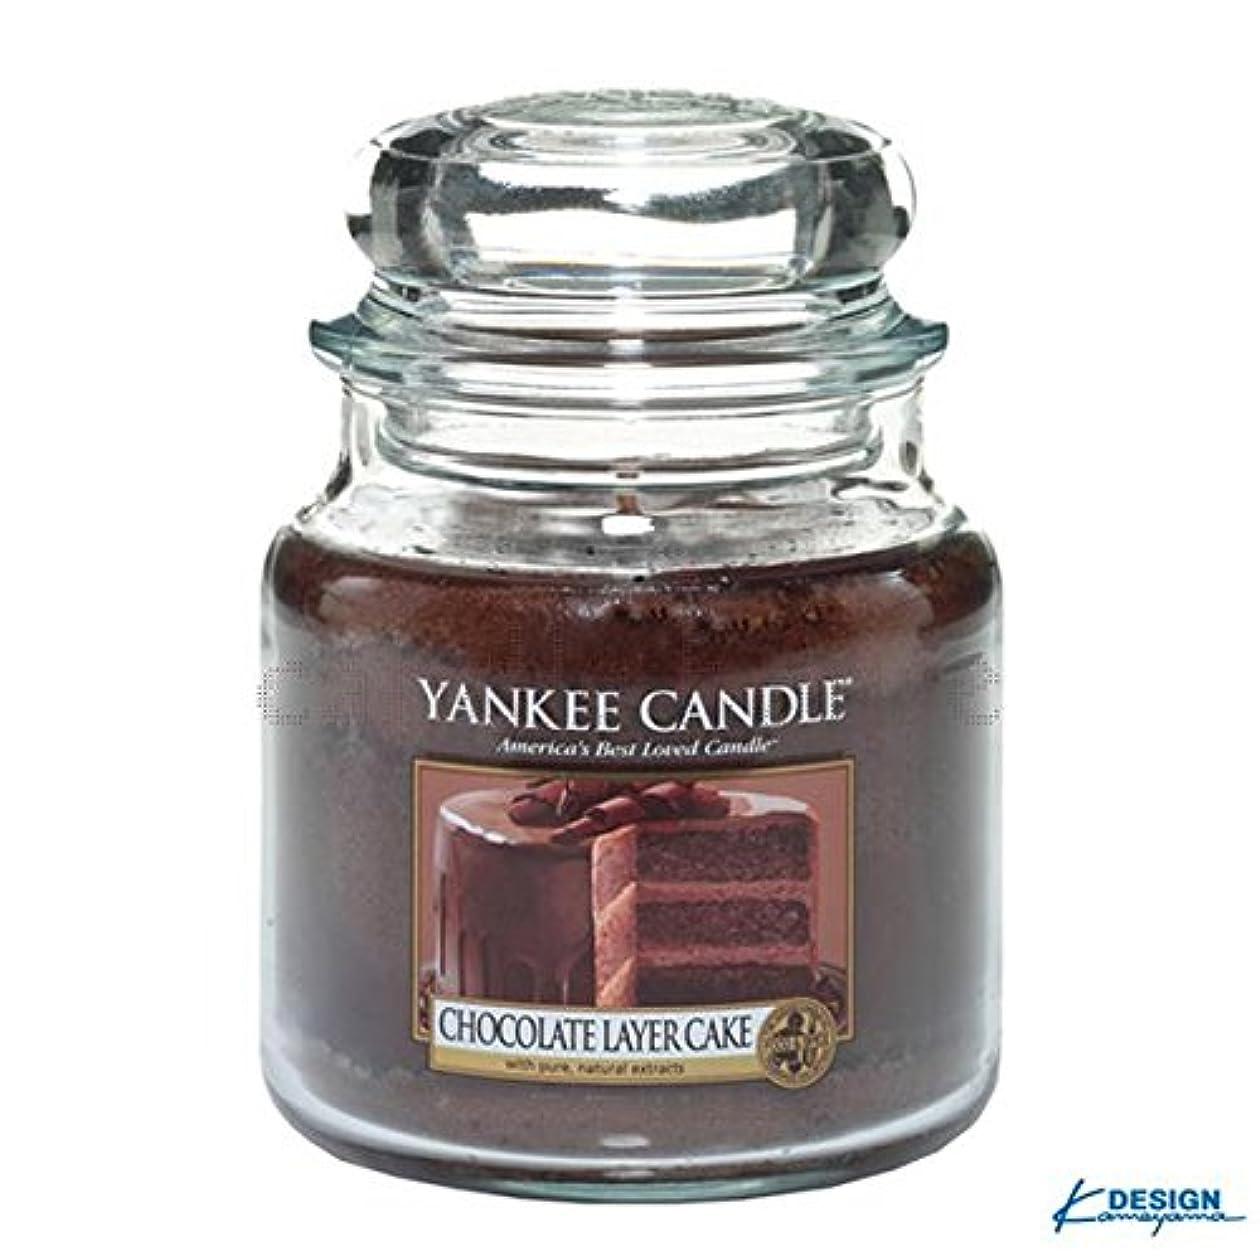 YANKEE CANDLEジャーM 「 チョコレートレイヤーケーキ 」